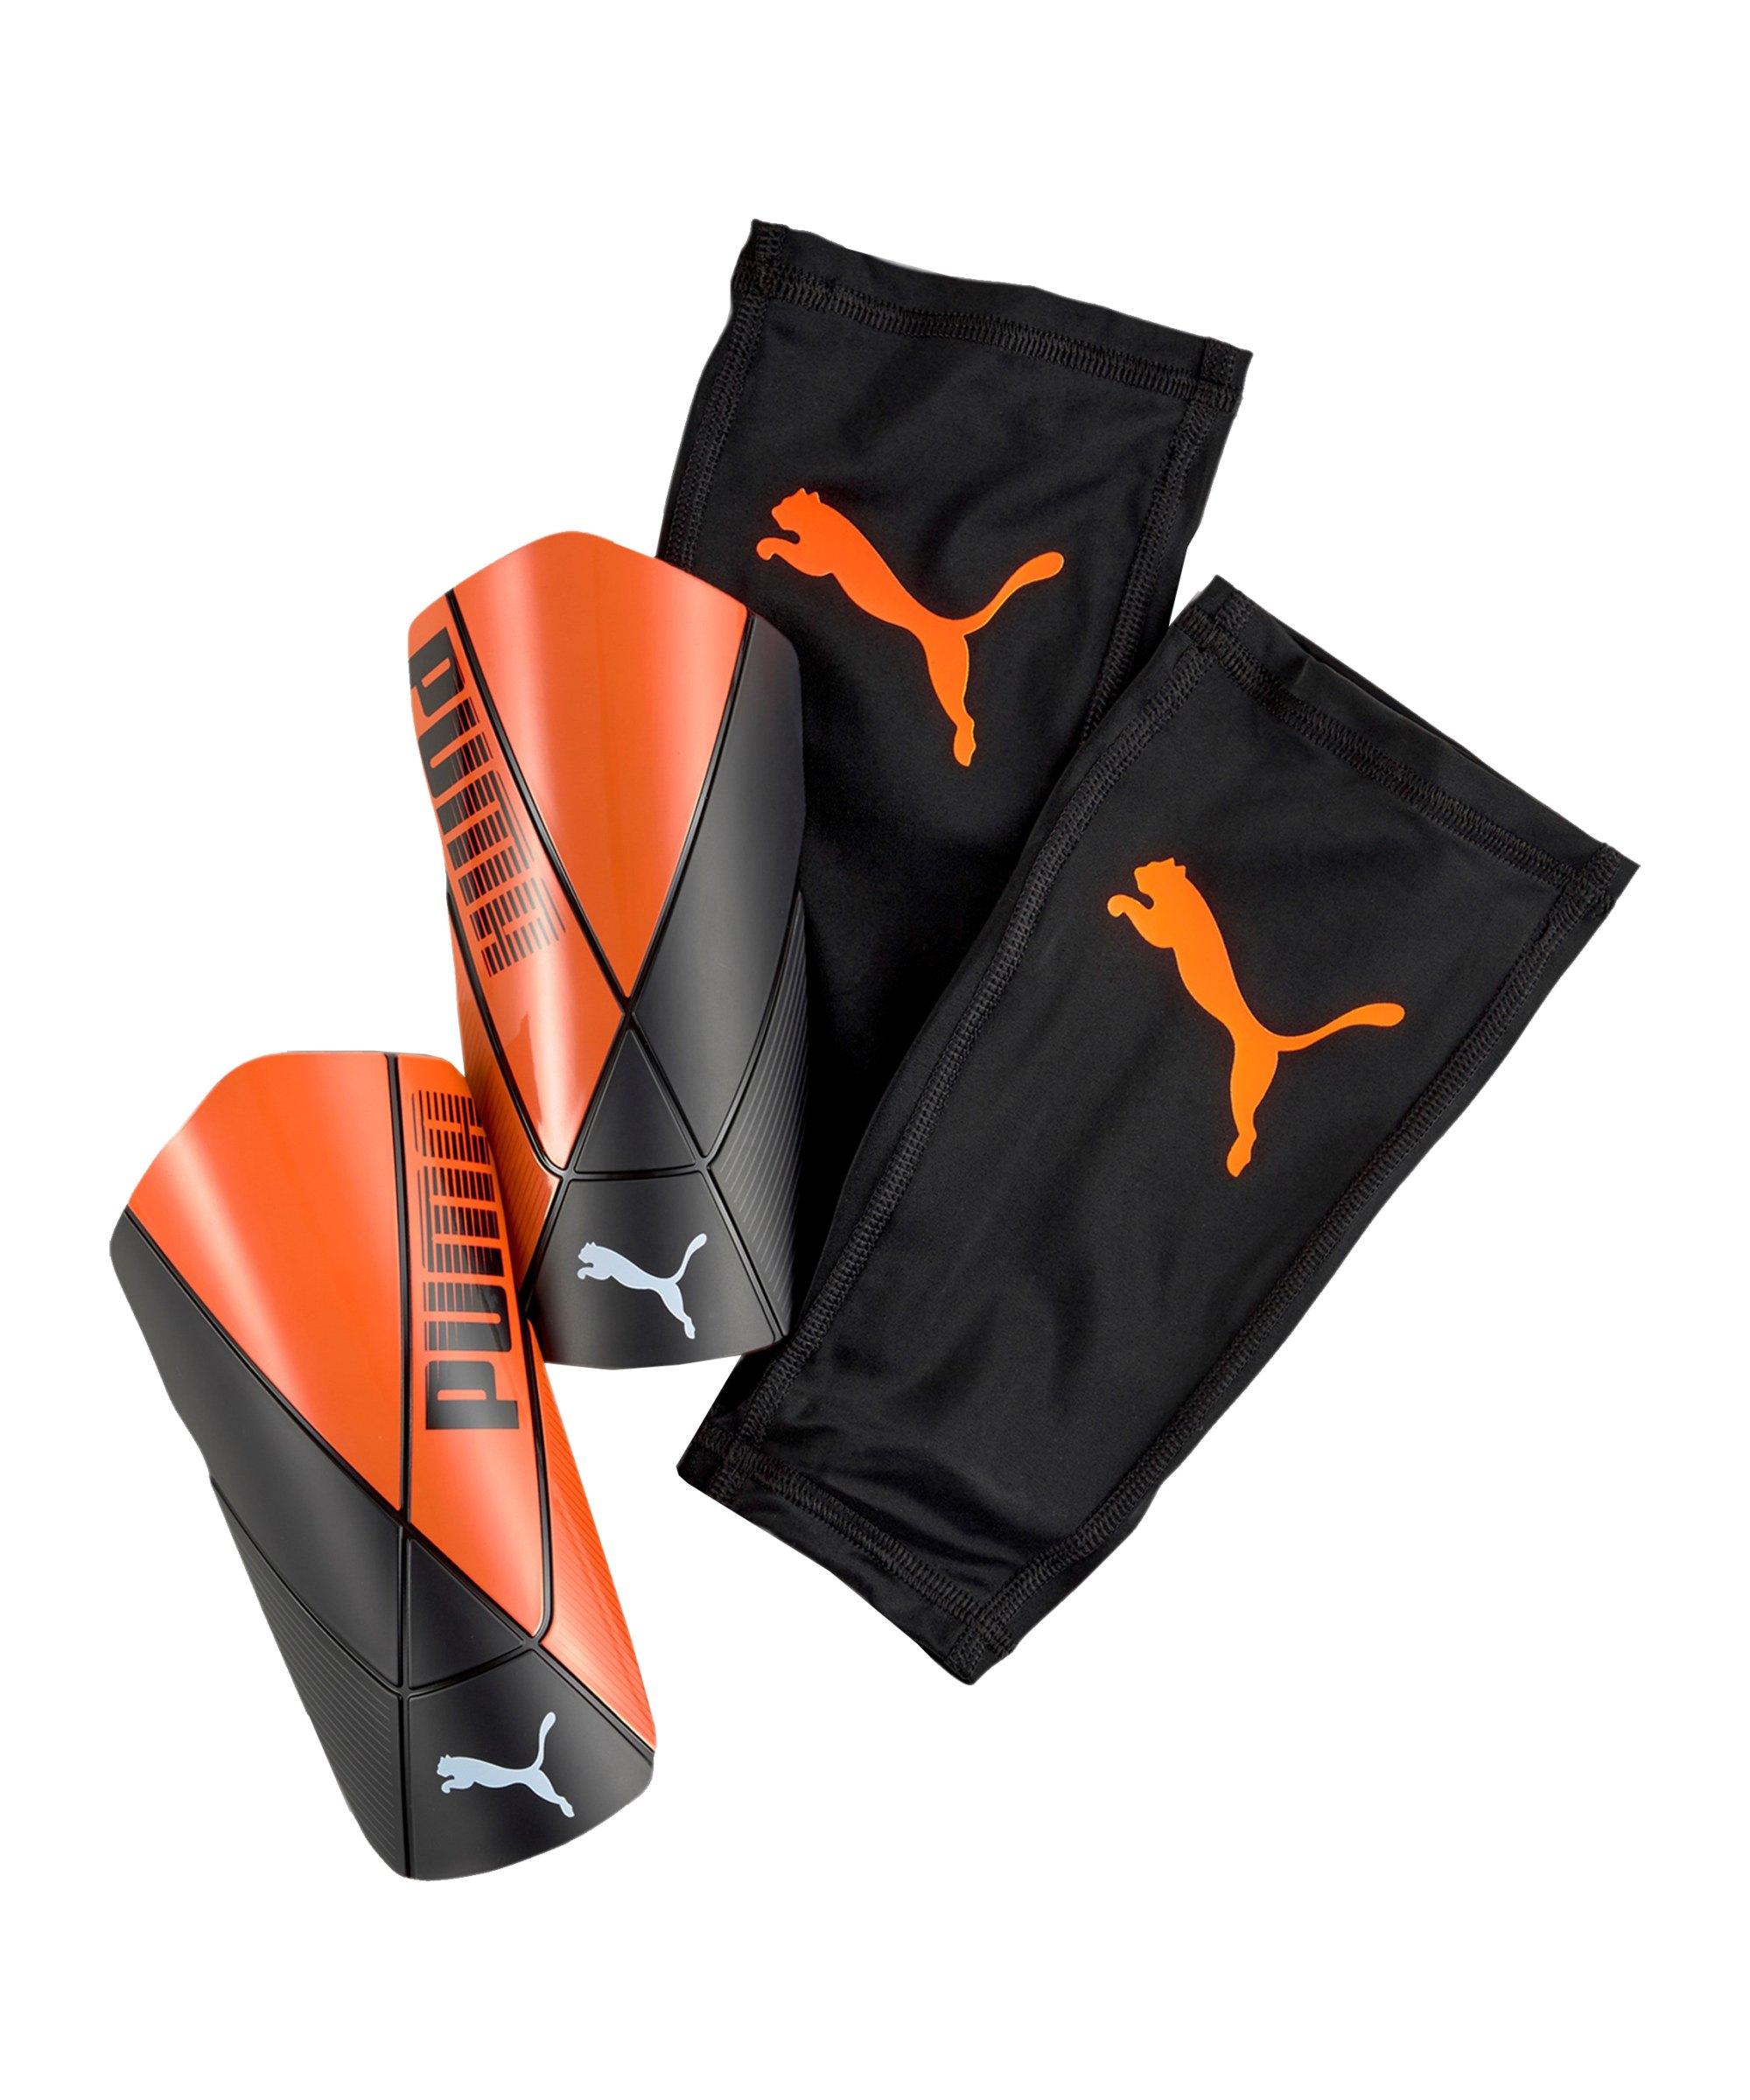 PUMA ftblNXT PRO Flex Chasing Adrenalin Schienbeinschoner F06 - orange